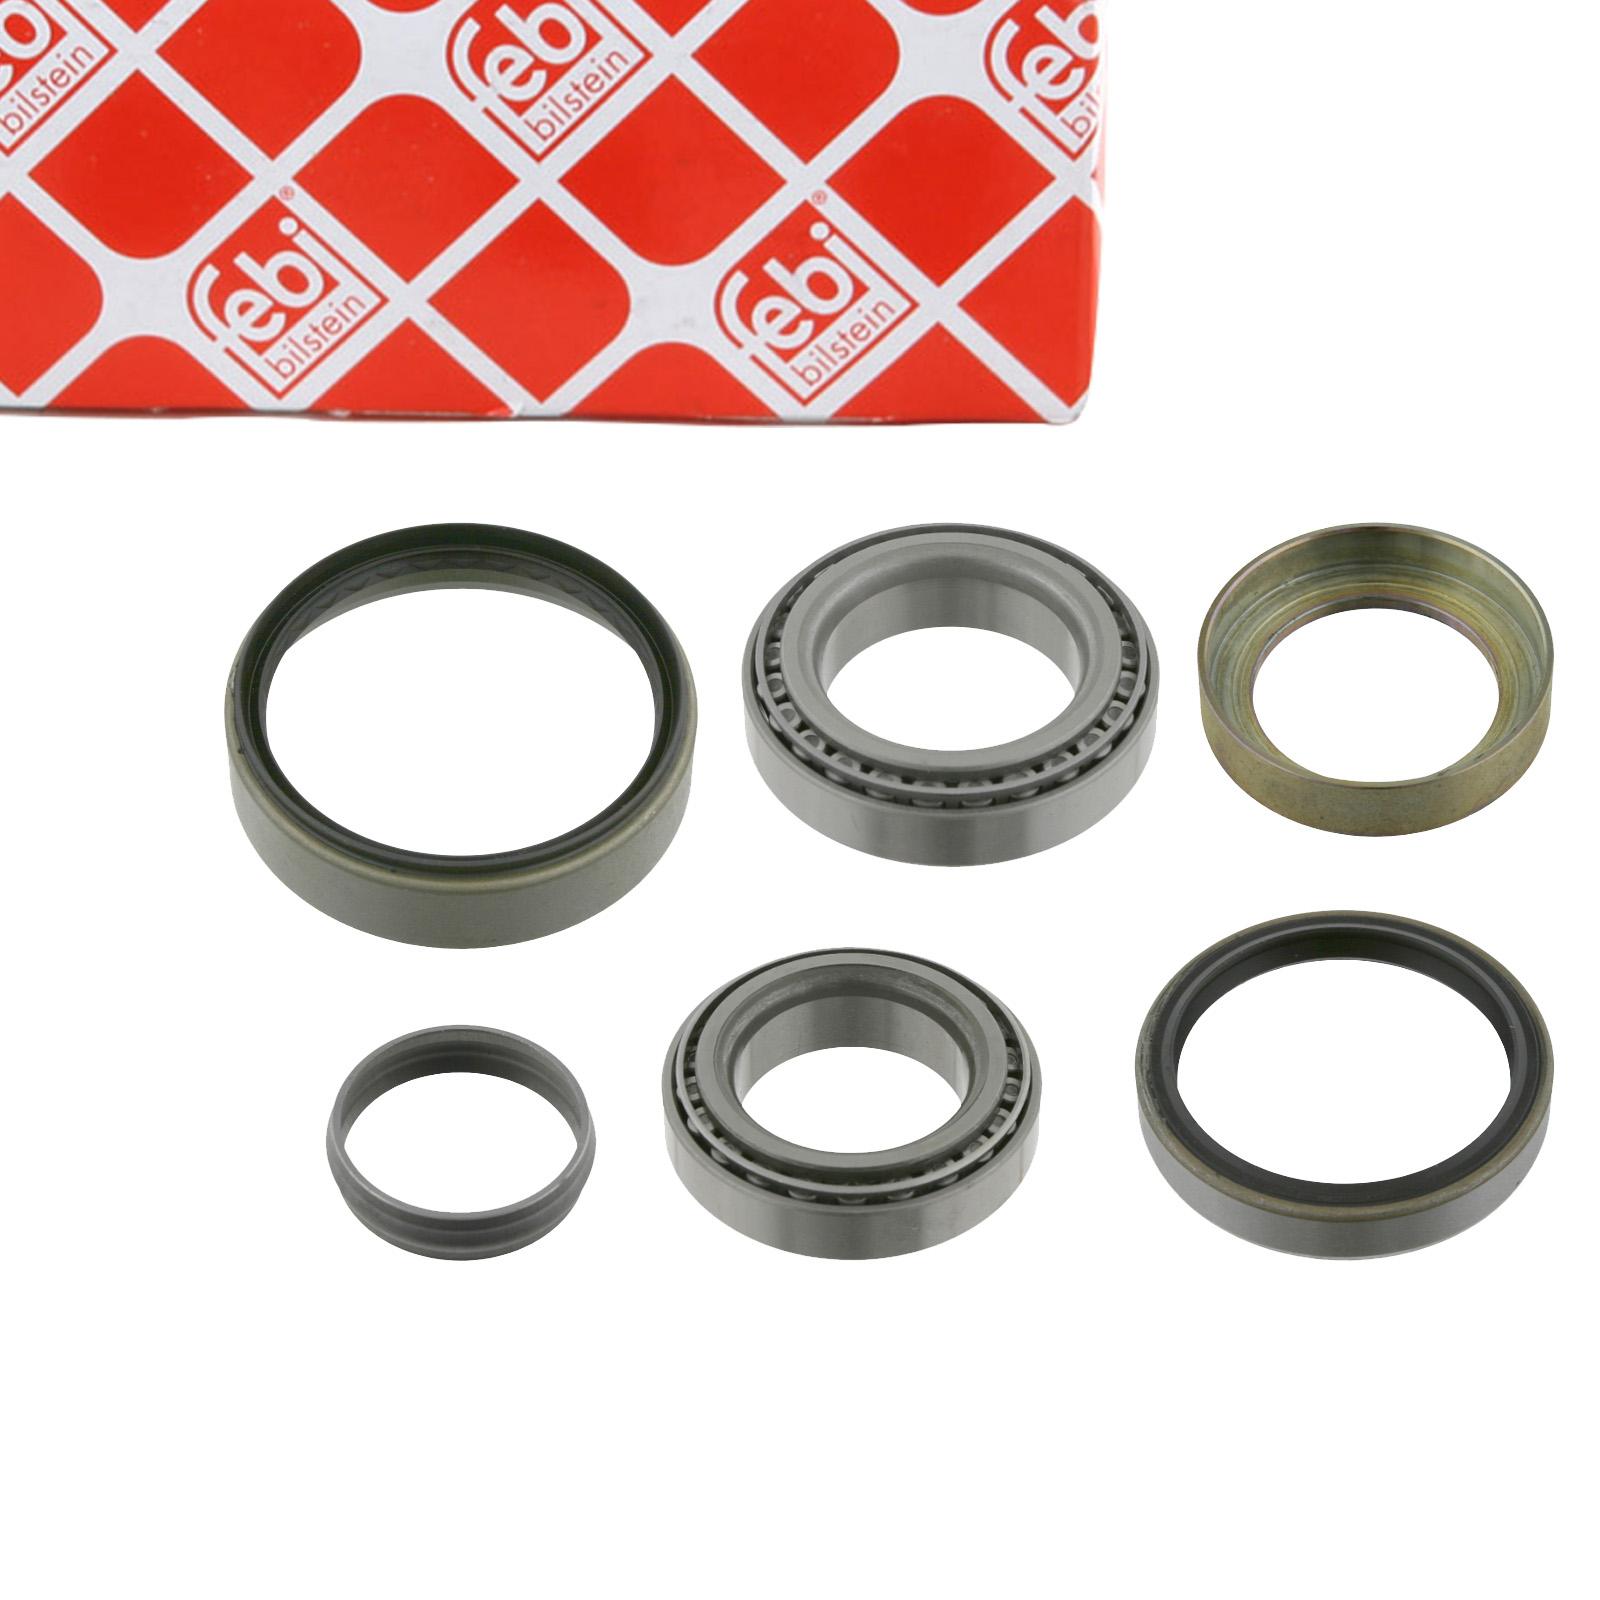 FEBI 05569 Radlagersatz Radlager MERCEDES W114 W115 W123 W116 W126 R107 hinten 1155860635